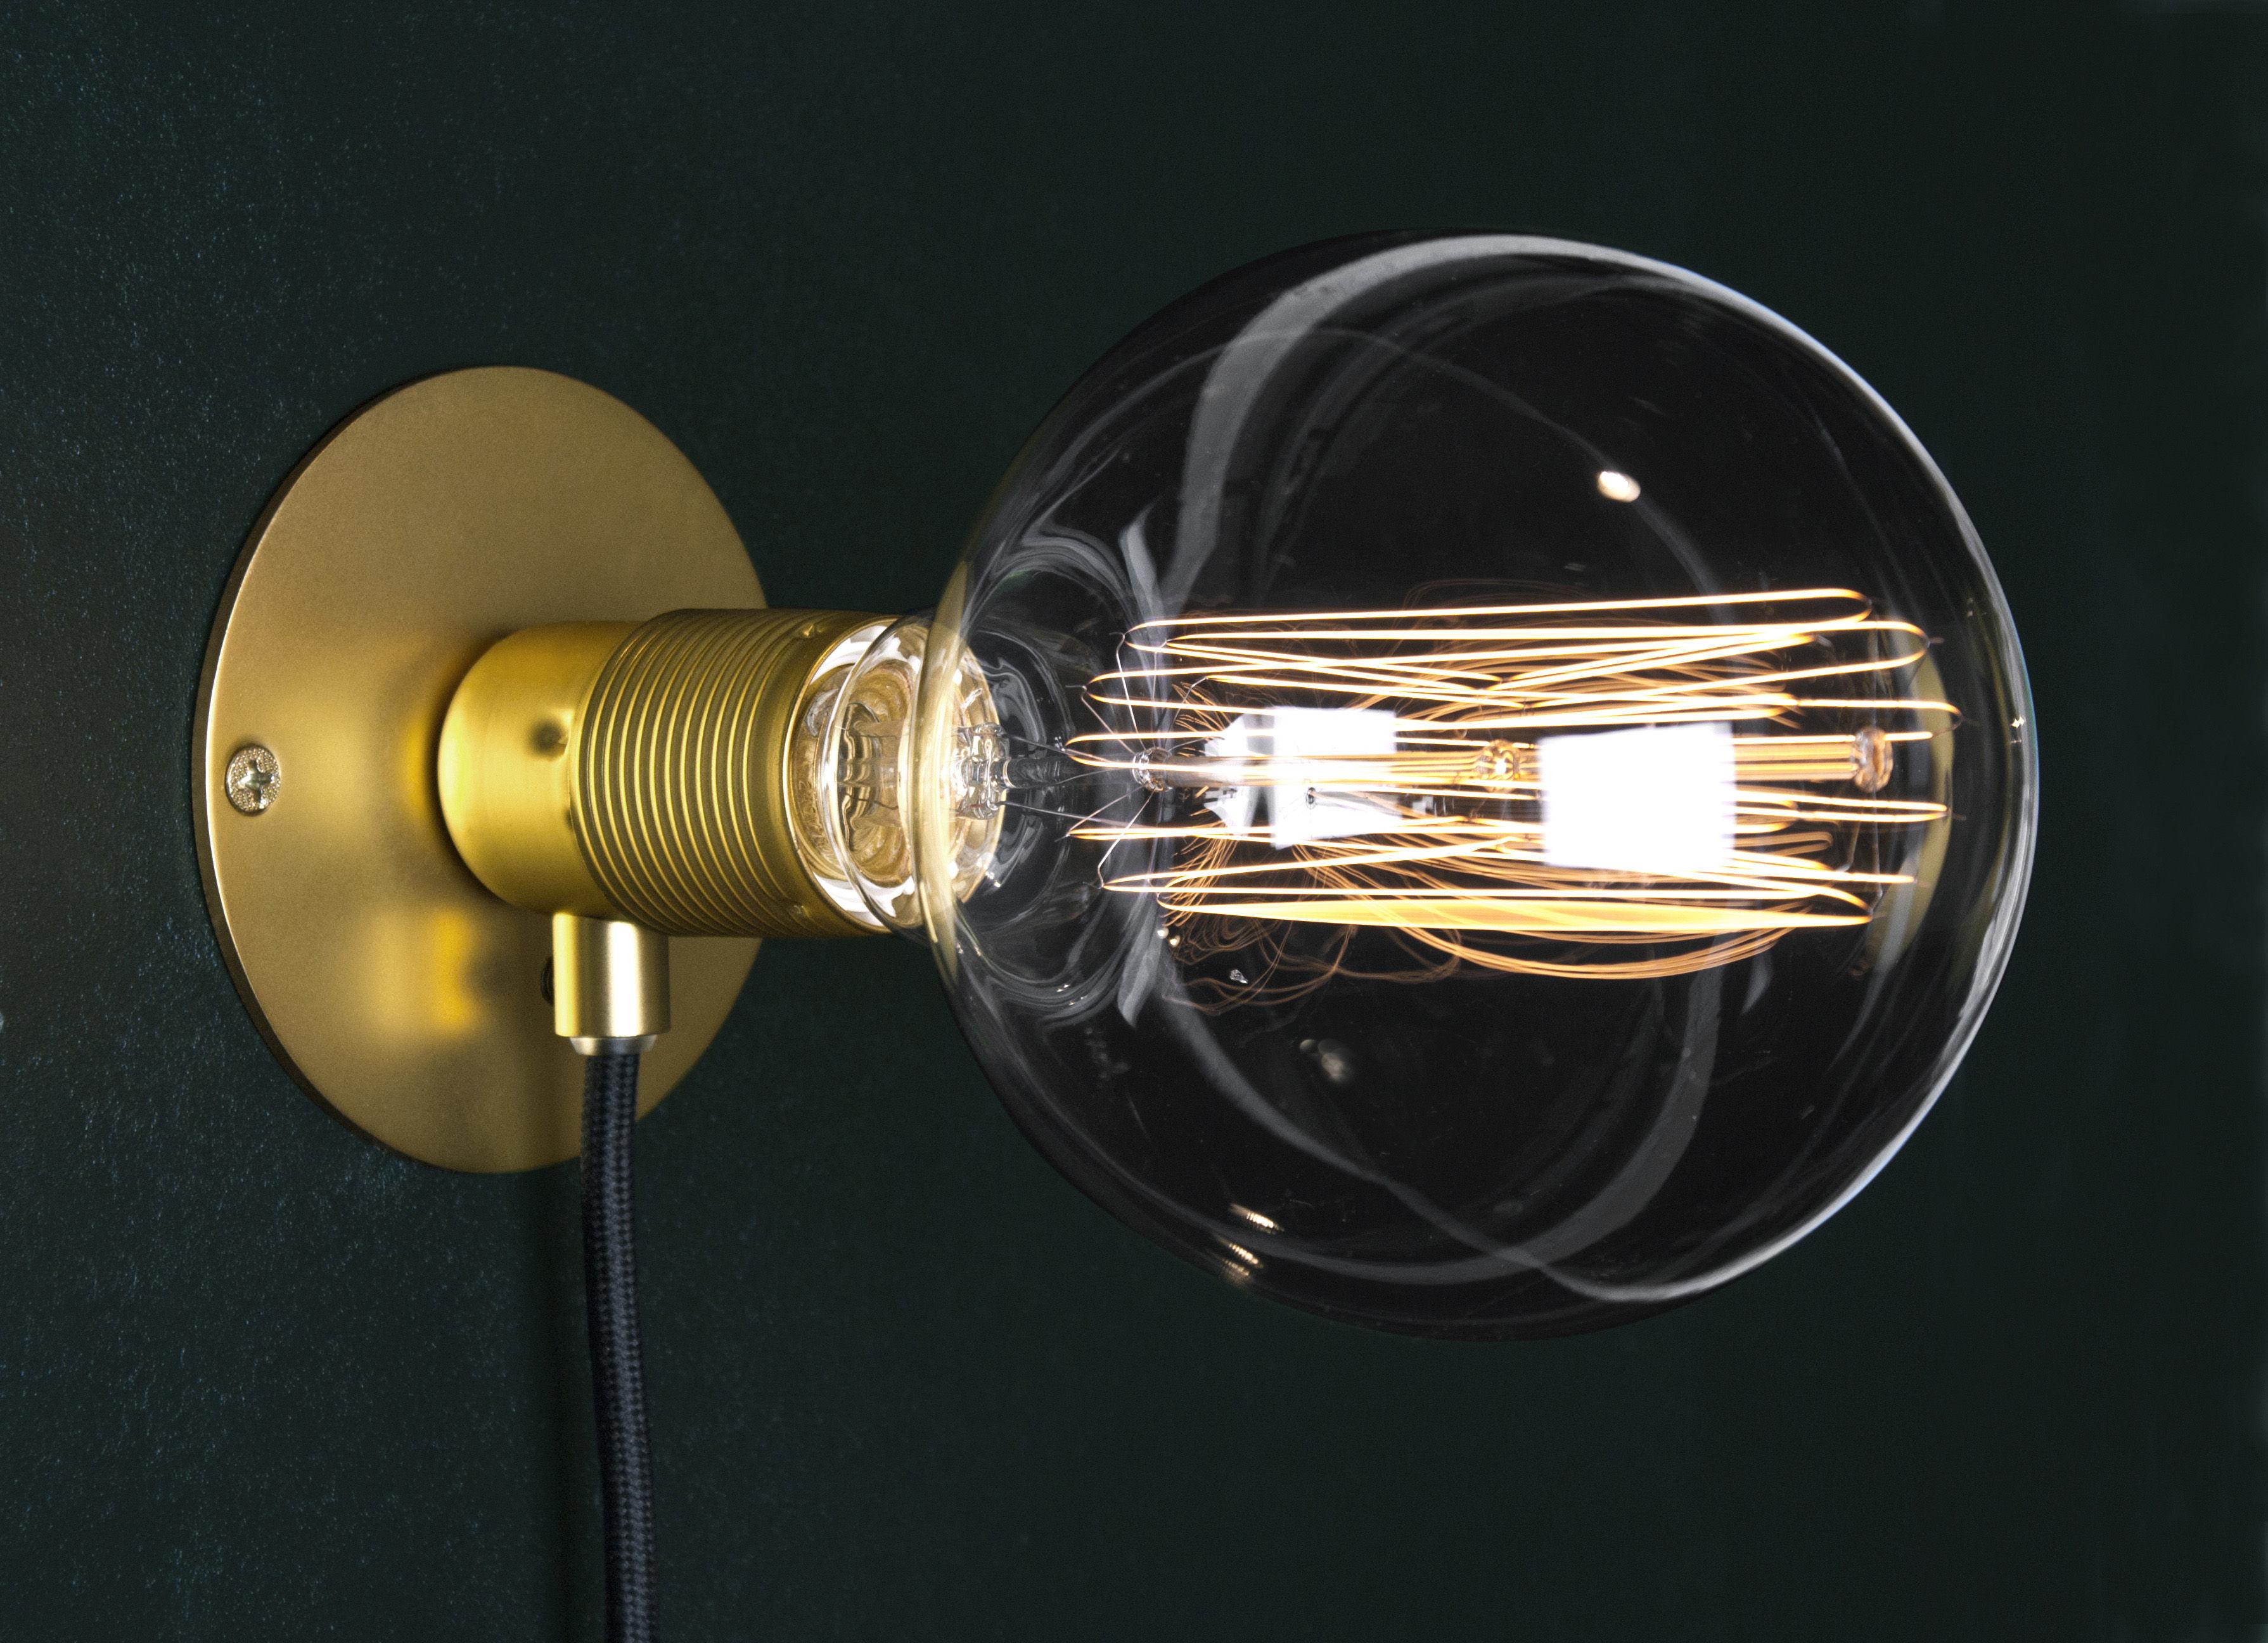 Lighting - Wall Lights - Frama Kit Wall light with plug - Small - Ø 12 cm by Frama  - Brass - Metal